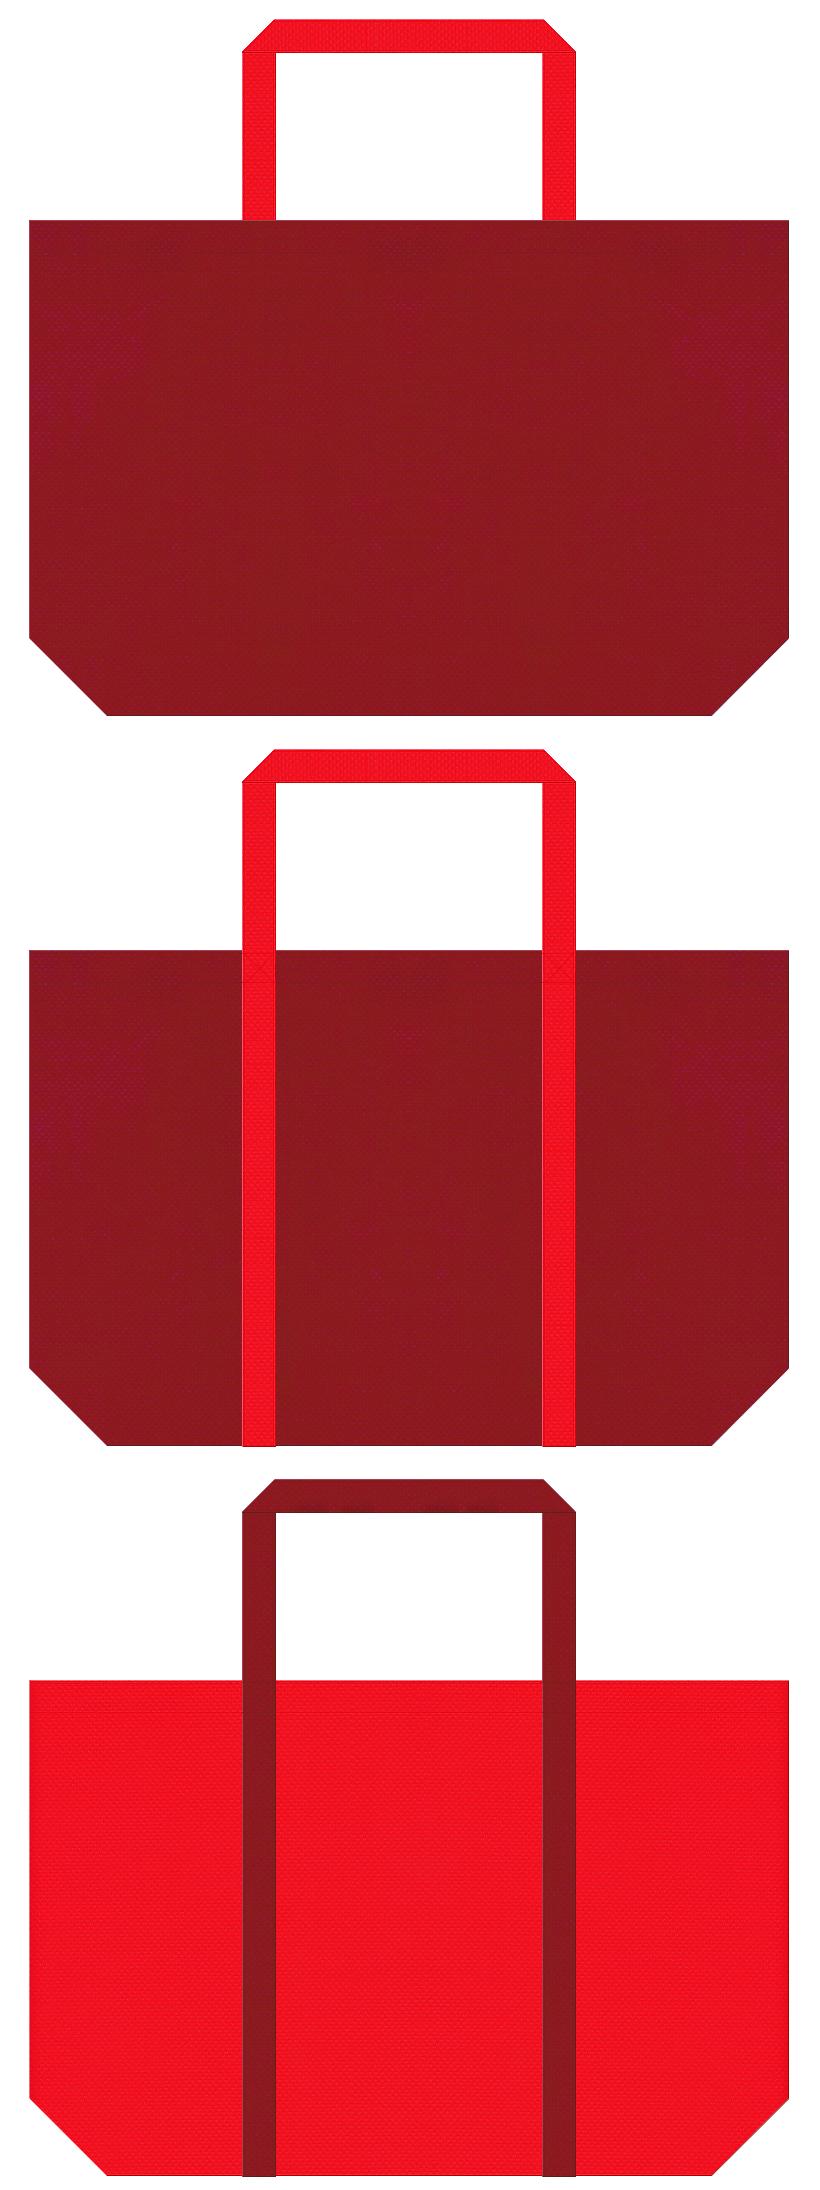 鎧兜・端午の節句・赤備え・お城イベント・紅葉・観光土産・クリスマス・暖炉・ストーブ・お正月・福袋にお奨め:エンジ色と赤色の不織布ショッピングバッグのデザイン